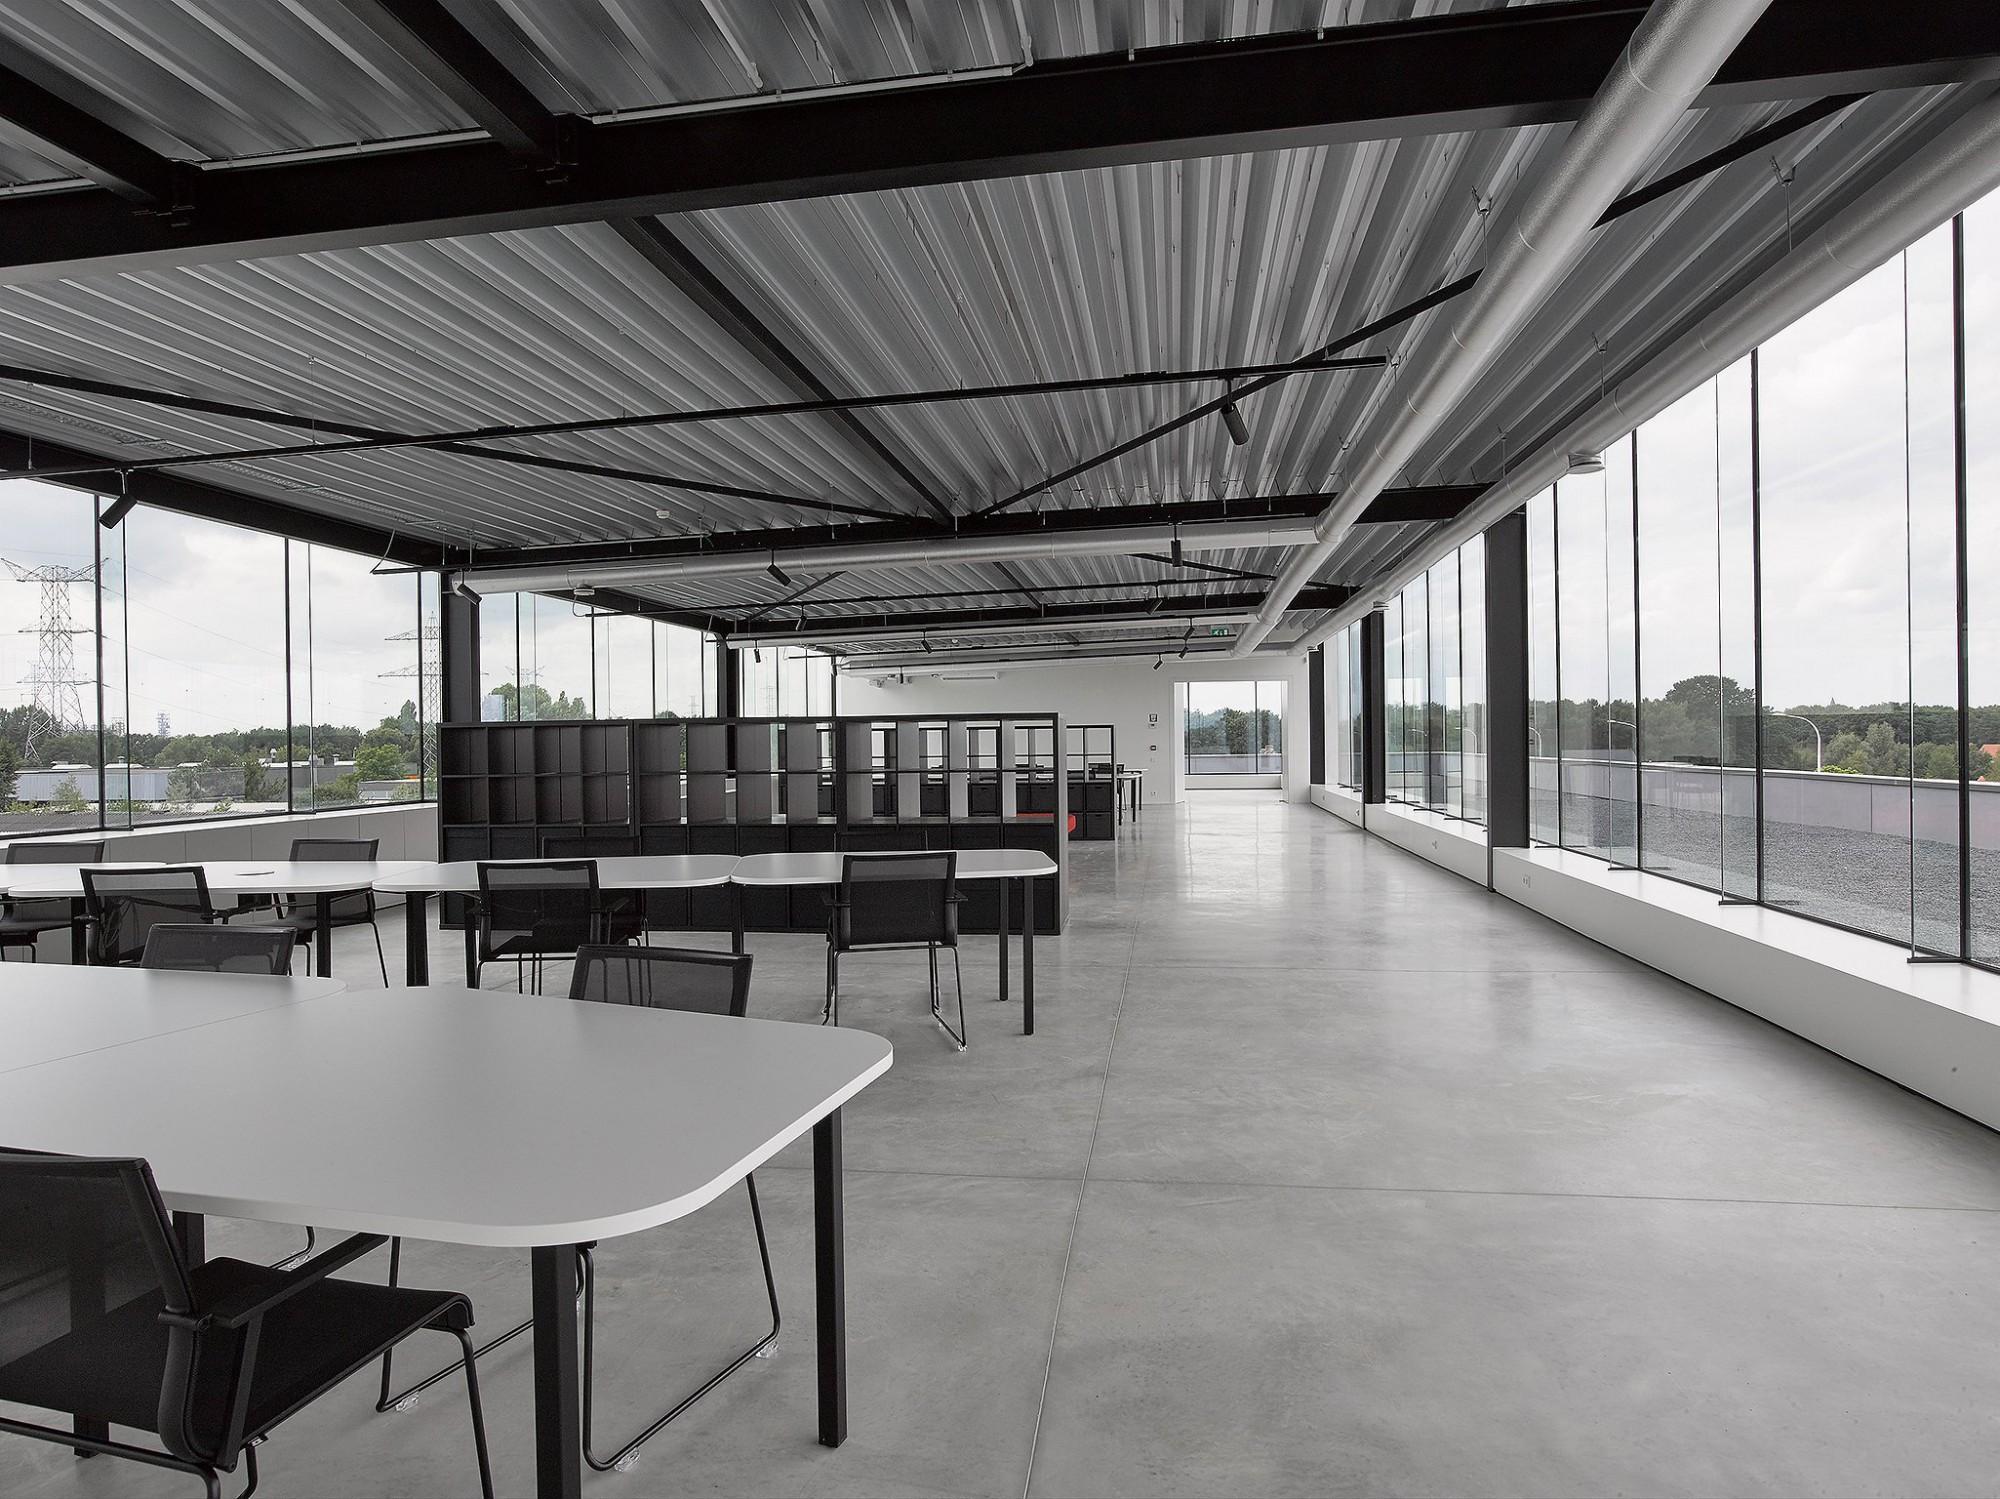 Afbeelding: Interieur fotografie industrie, documentatie ruimte voor Renotec te Geel.